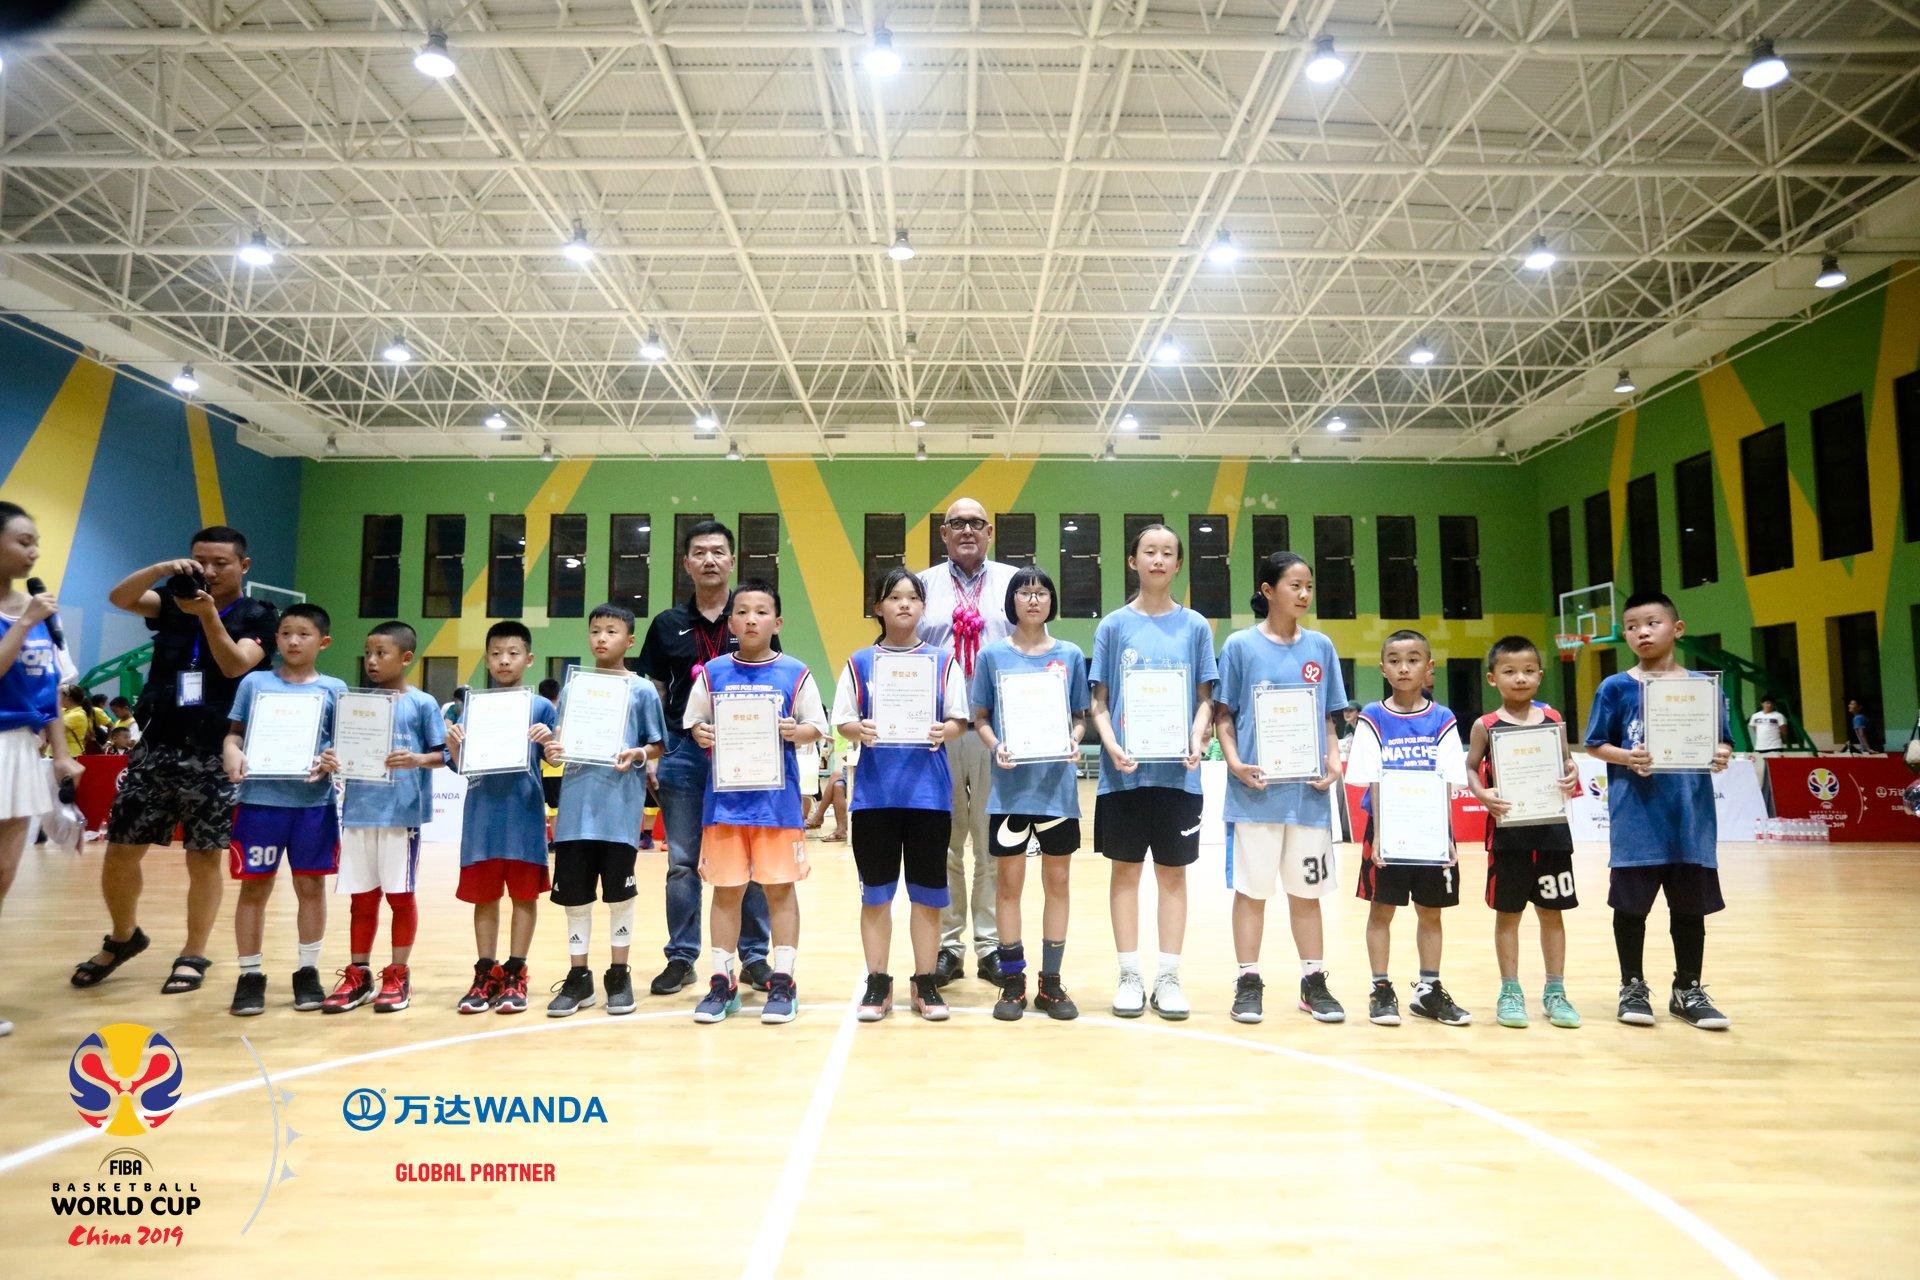 篮球世界杯小冠军丹寨大比拼 36名小冠军将亮相世界杯赛场